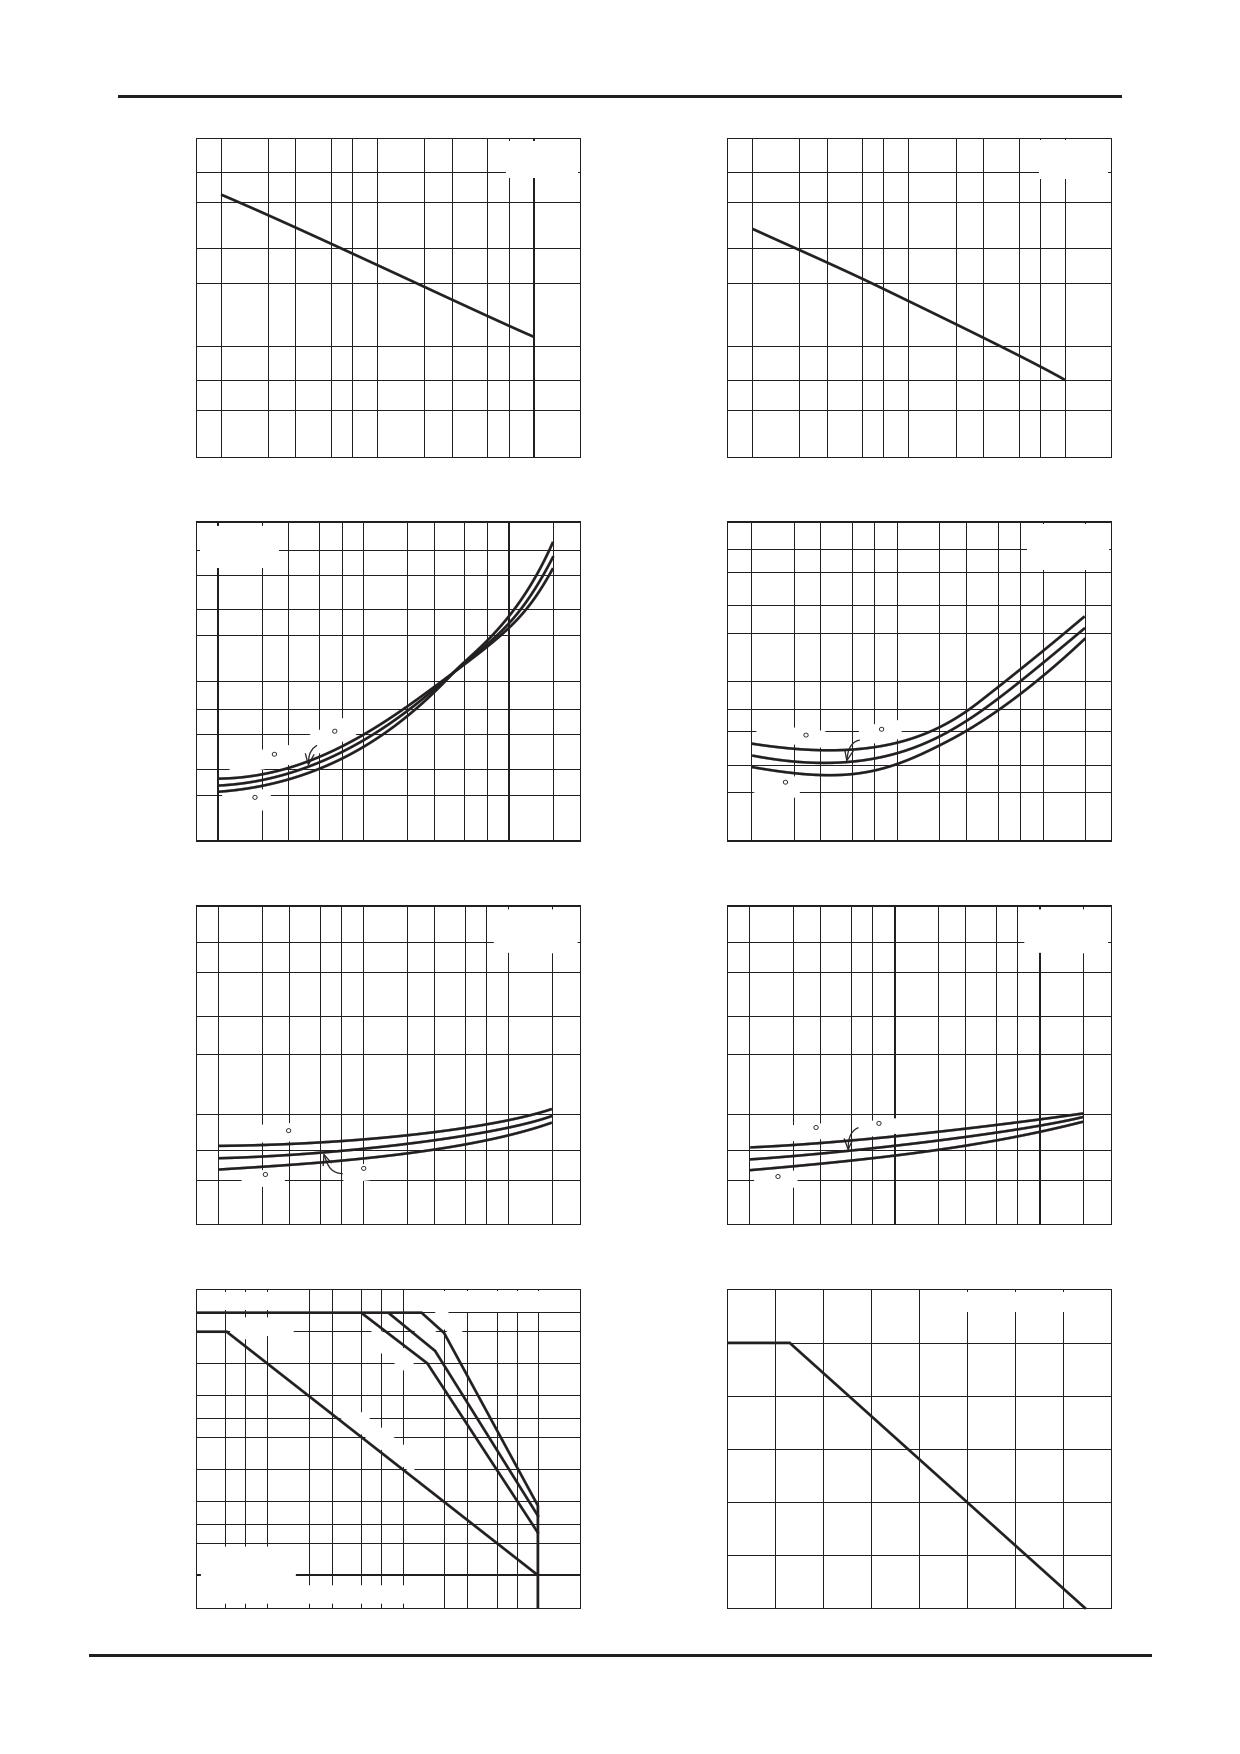 2SA1709 pdf, 반도체, 판매, 대치품